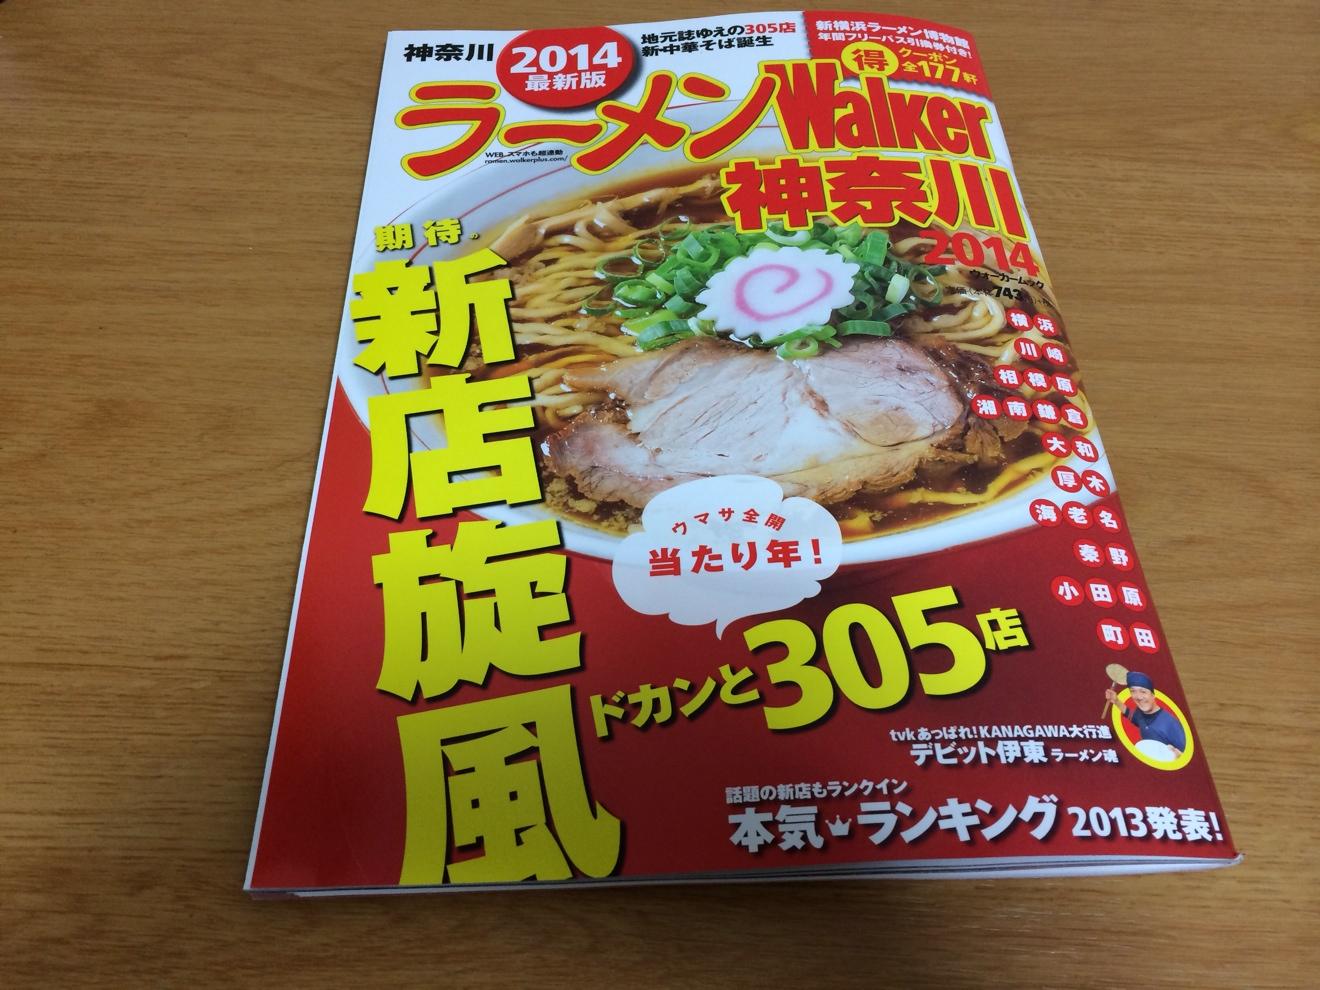 ラーメンWalker 神奈川県 2014